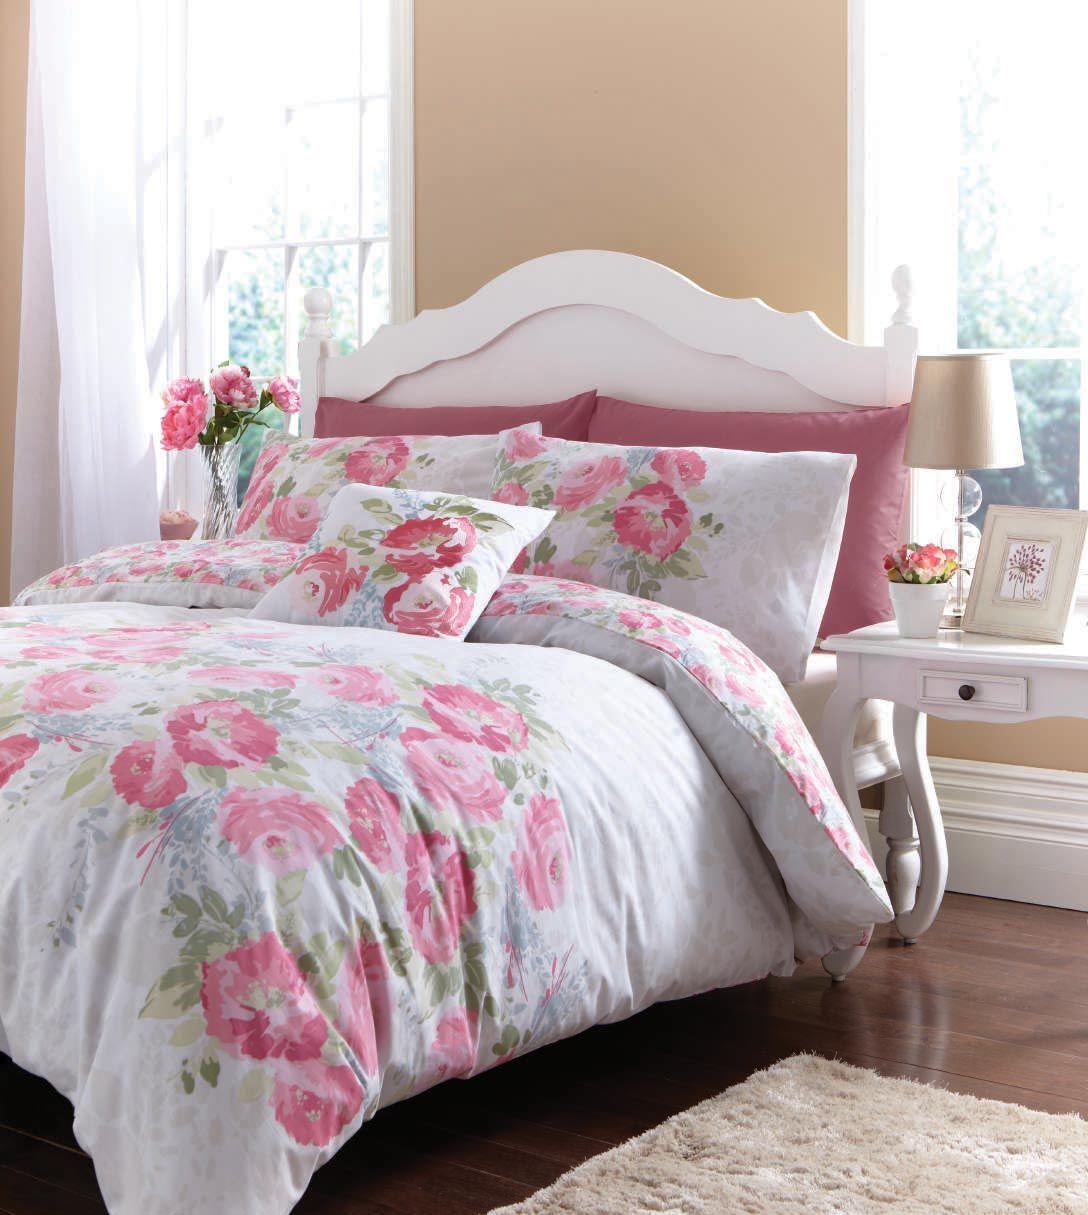 Floral Bedding / Bed Linen, Discount Duvet Cover Set Red